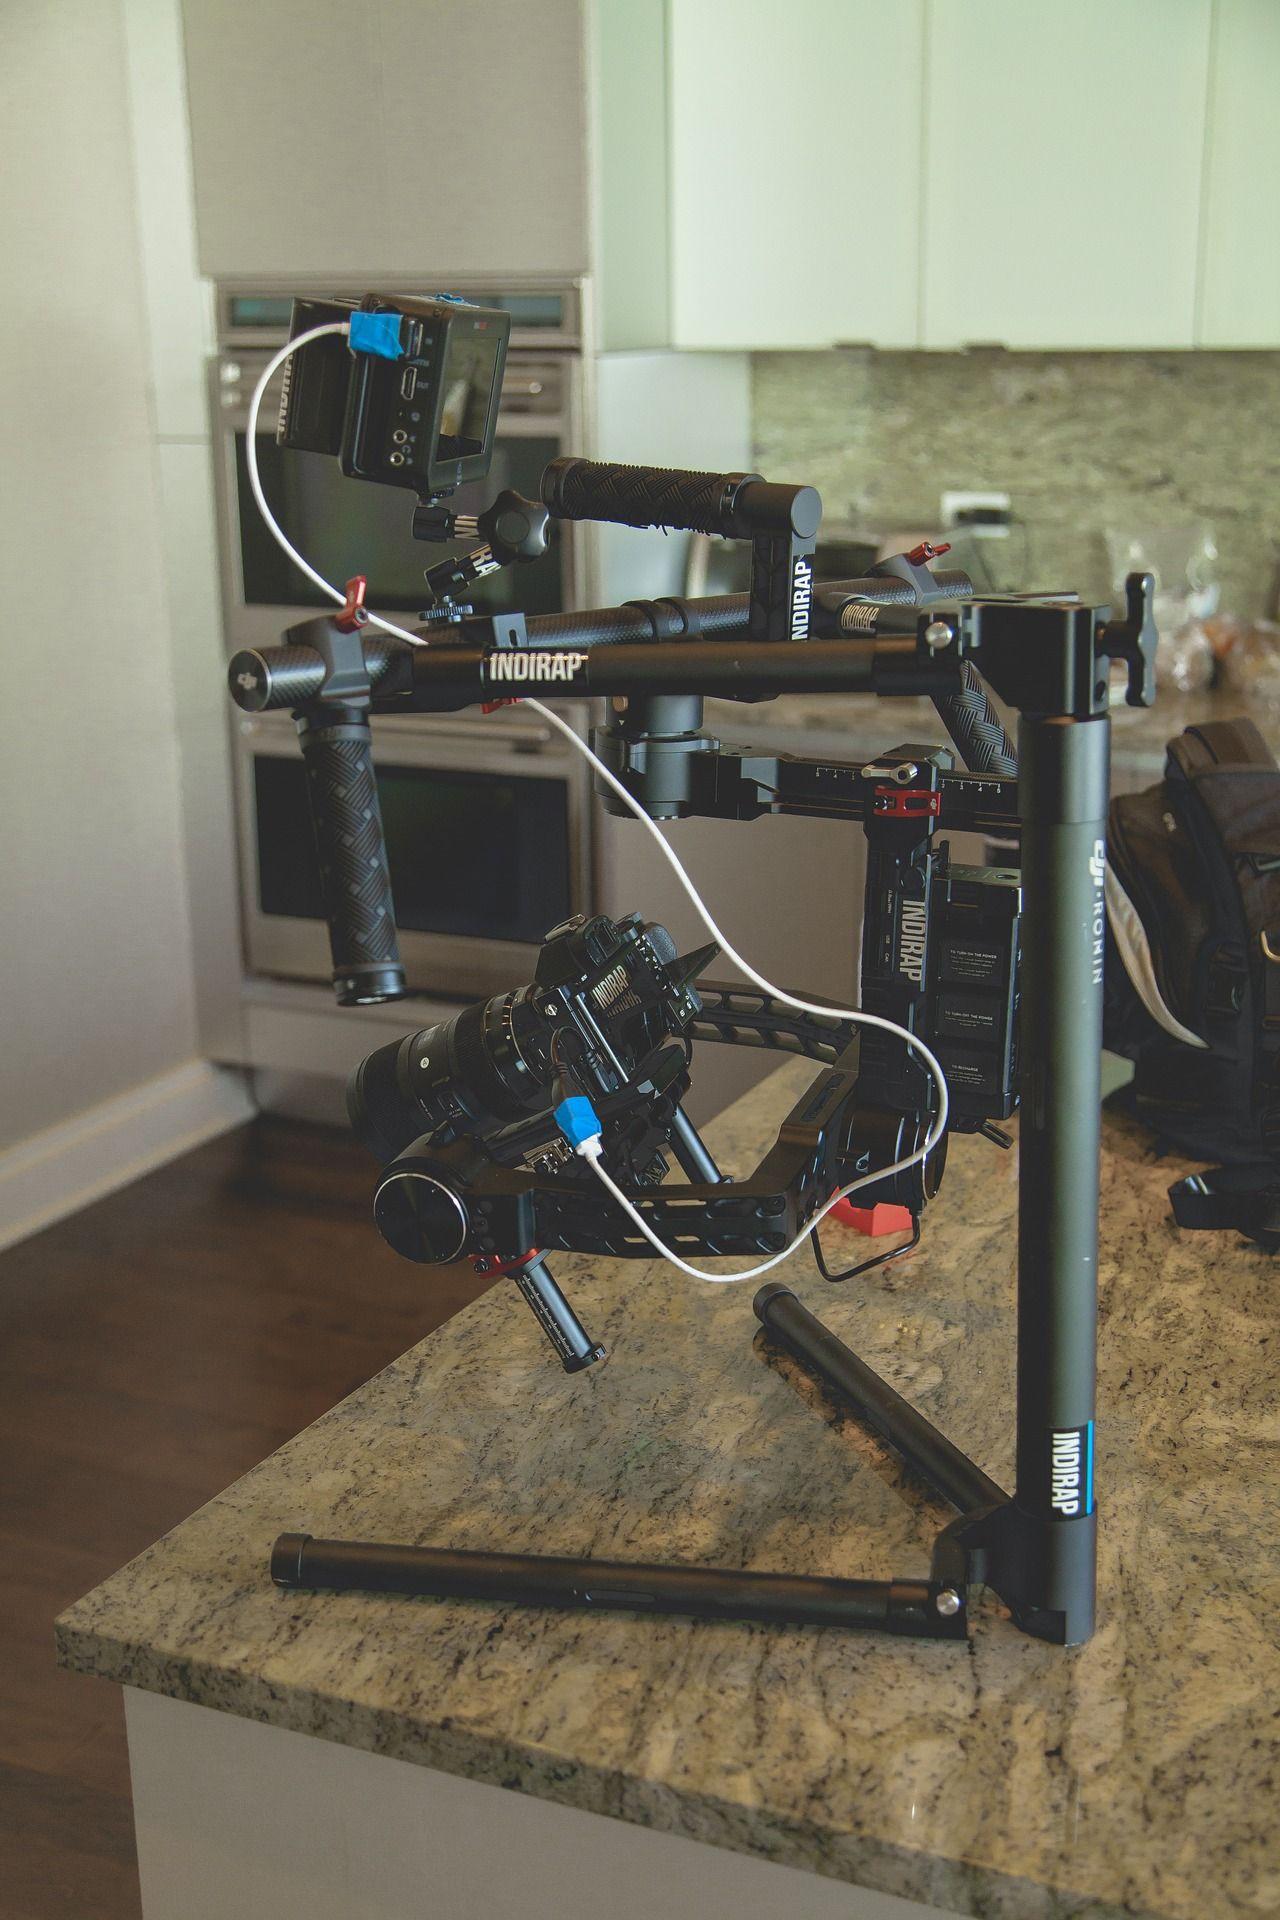 In unserer Testartikelserie gehen wir diesmal auf die Systemkamera Sony a7s ein.  Highend-Kamera mit Glanzfaktor: Die Sony a75 im Test Innerhalb weniger Jahre hat es Sony ohne Frage geschafft, mit der Alpha-Serie eine ganze Palette hochwertiger Systemkameras für Personen, die einen möglichst runden und umfangreichen Bildspaß erfahren wollen, zu schaffen. Die Alpha 7S, intern auch nur als A7 ...